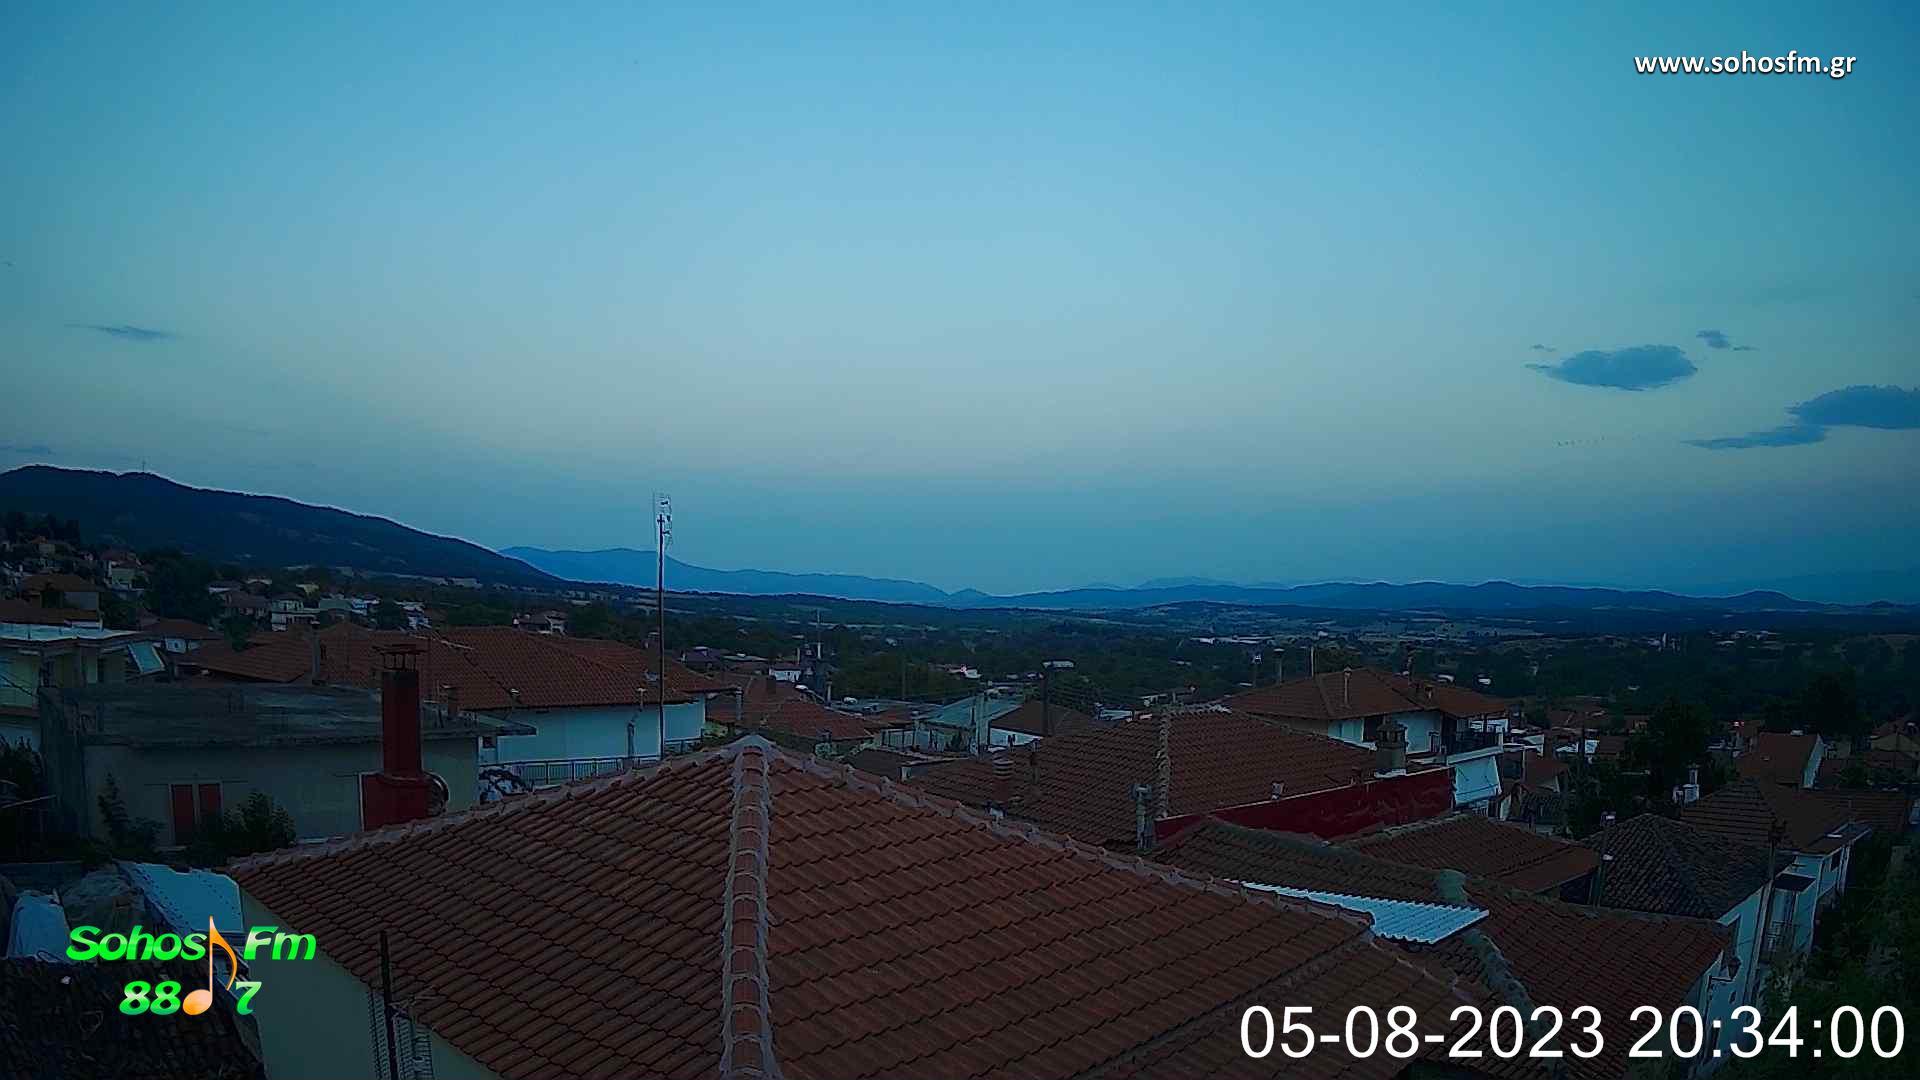 Webcam Sochos - Thessaloniki